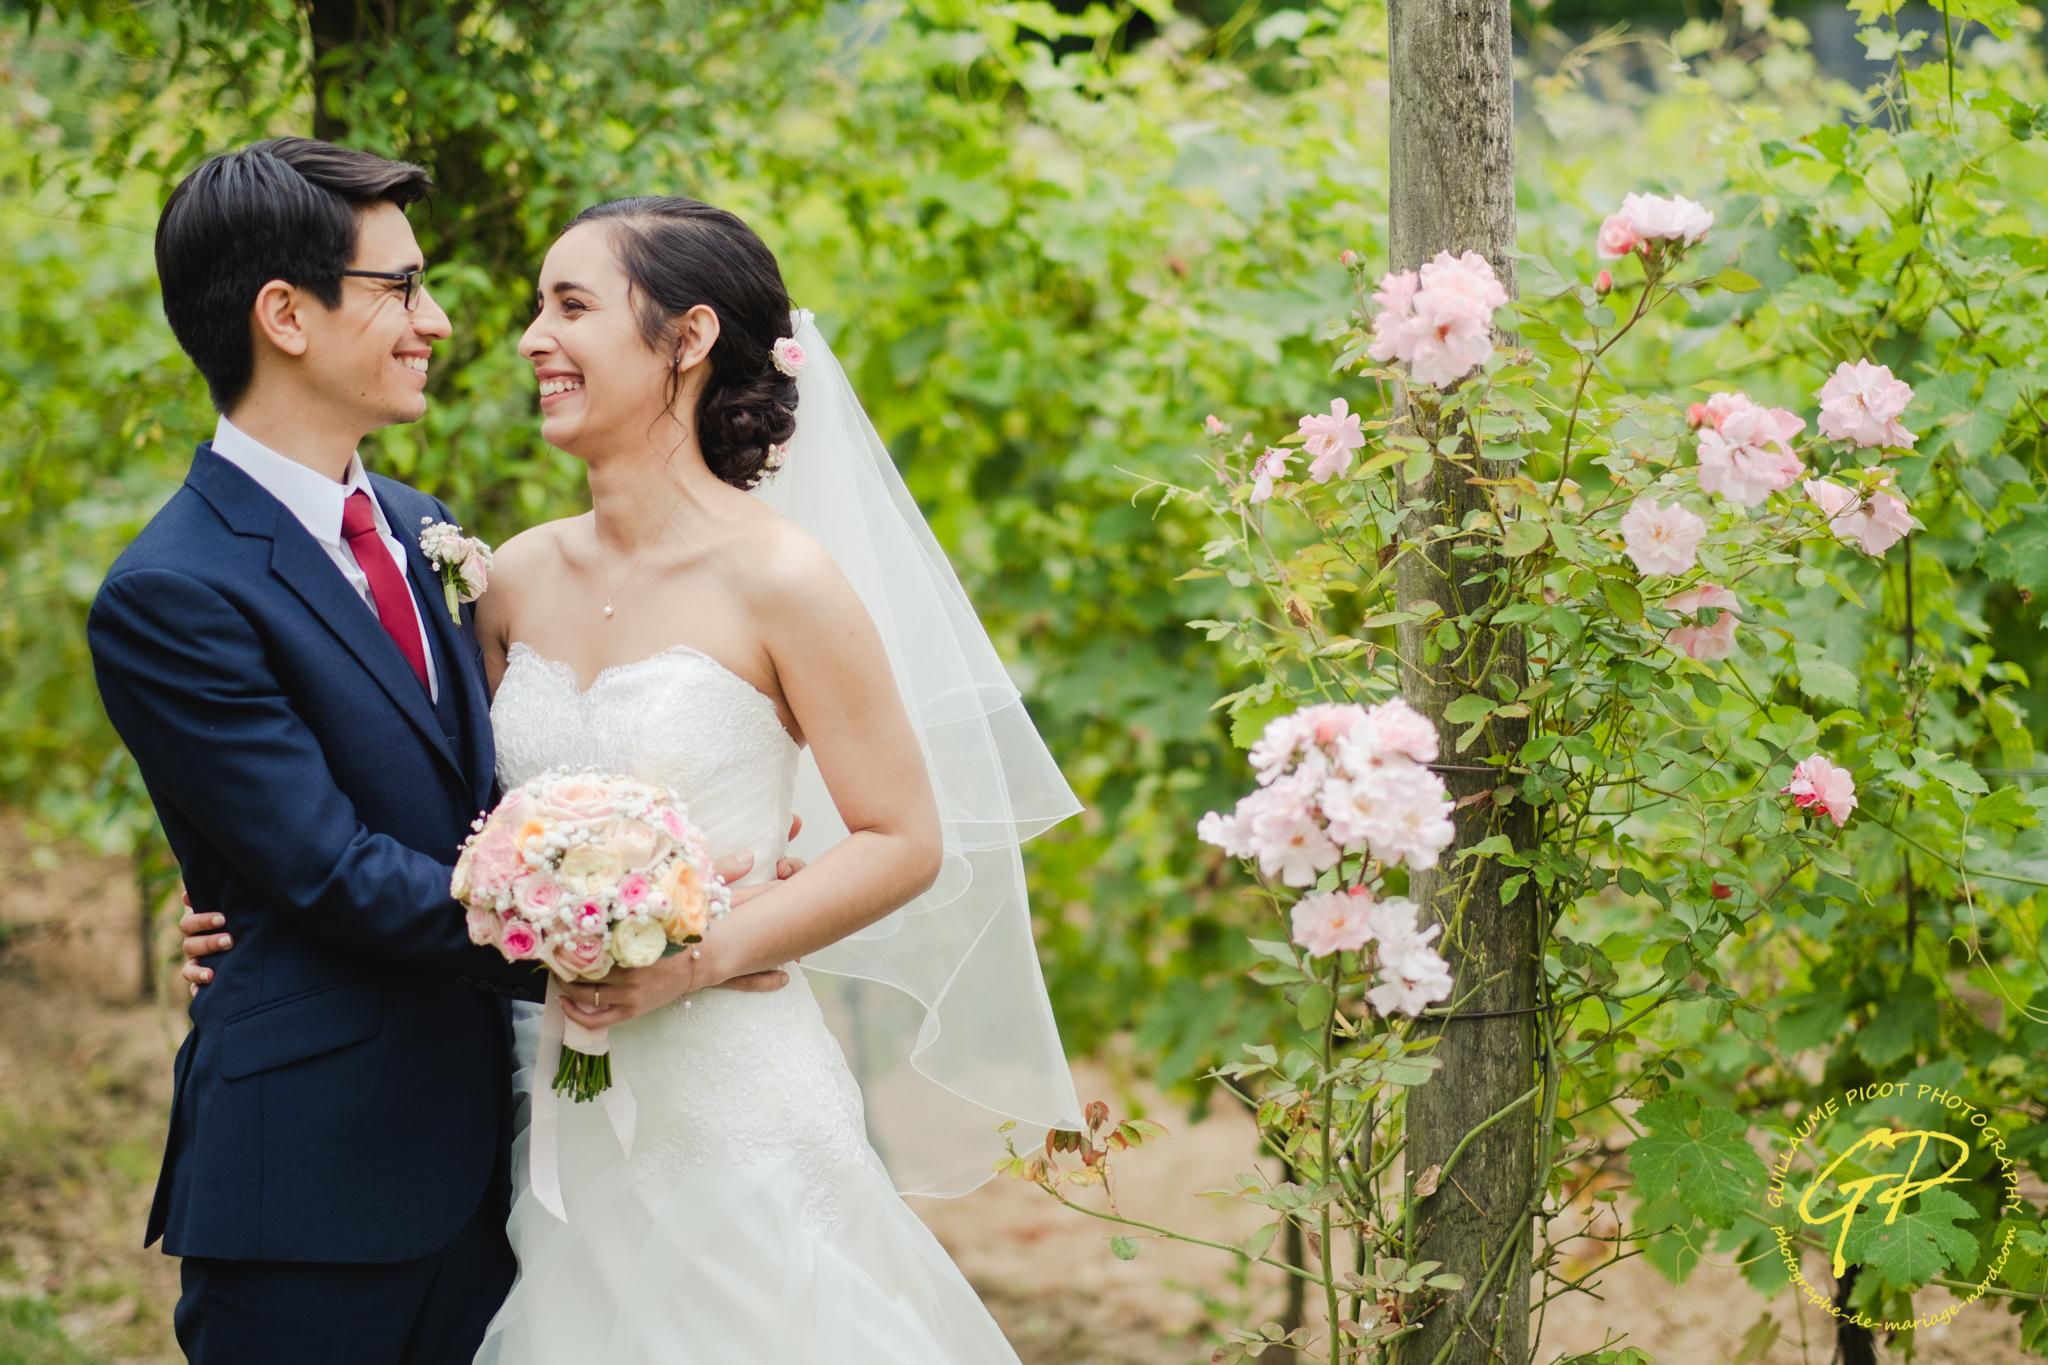 mariage chateau de beaulieu busnes (32 sur 109)